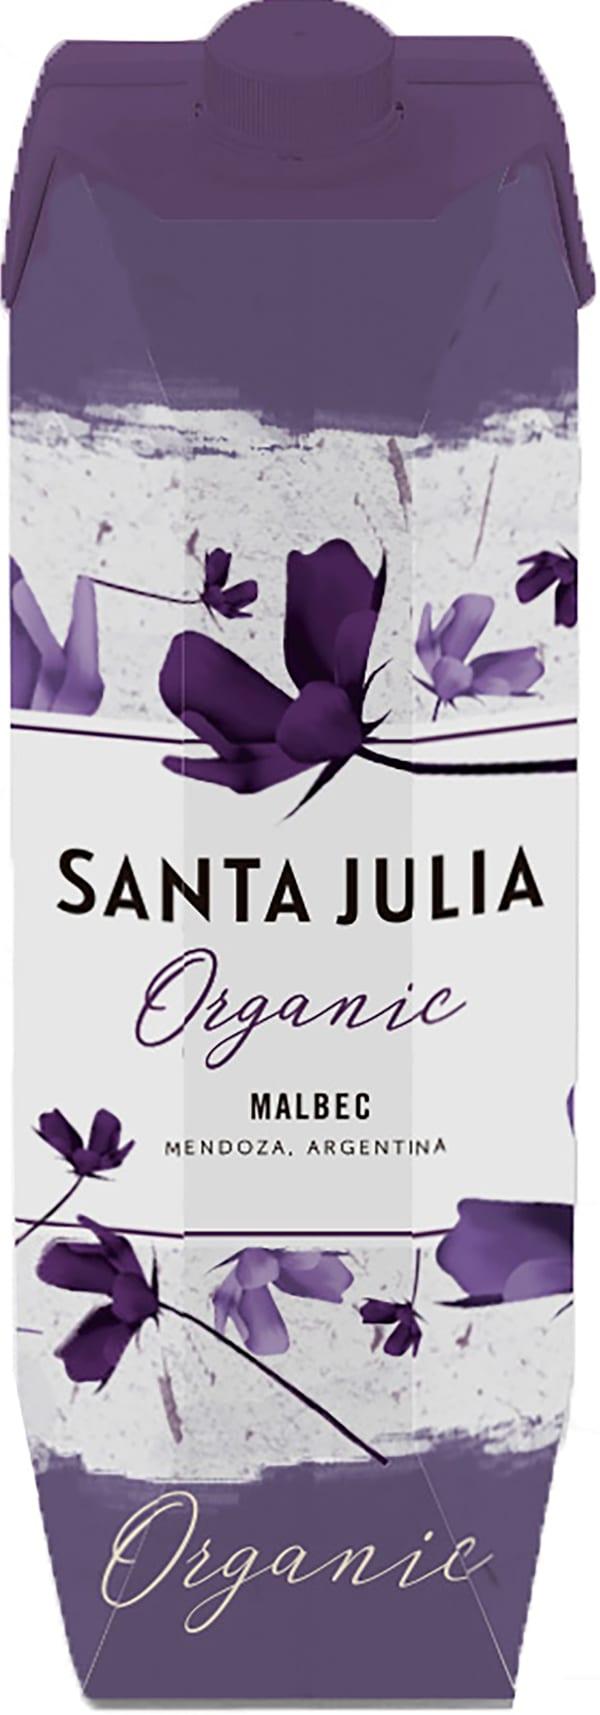 Santa Julia Organic Malbec 2019 kartongförpackning